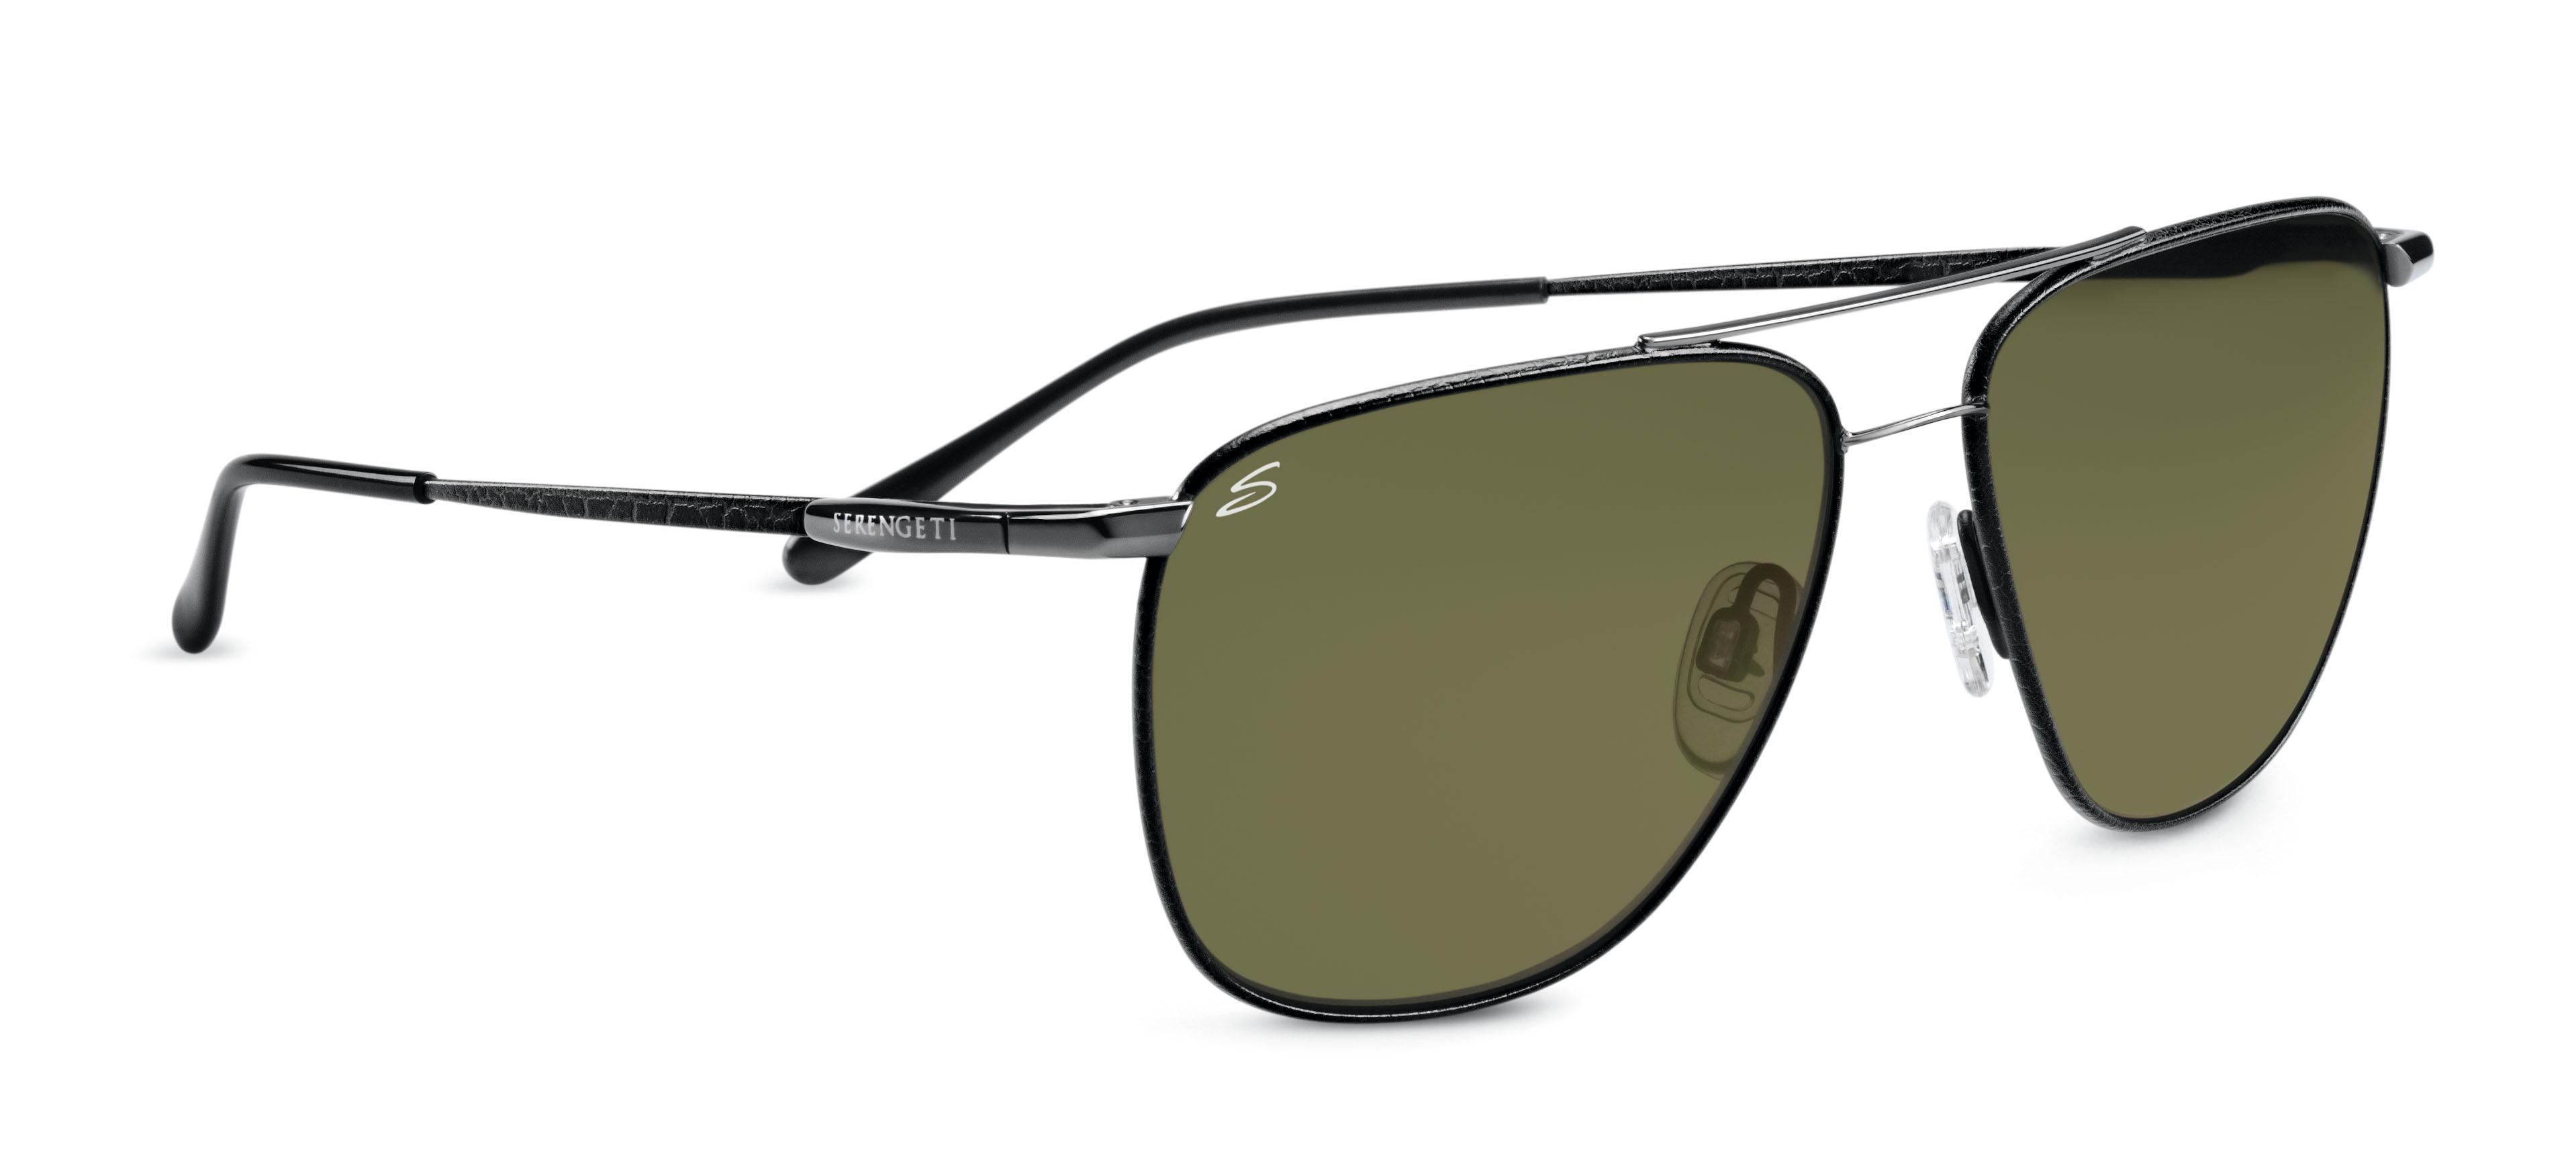 8748e422b6a Serengeti Marco Progressive Prescription Sunglasses